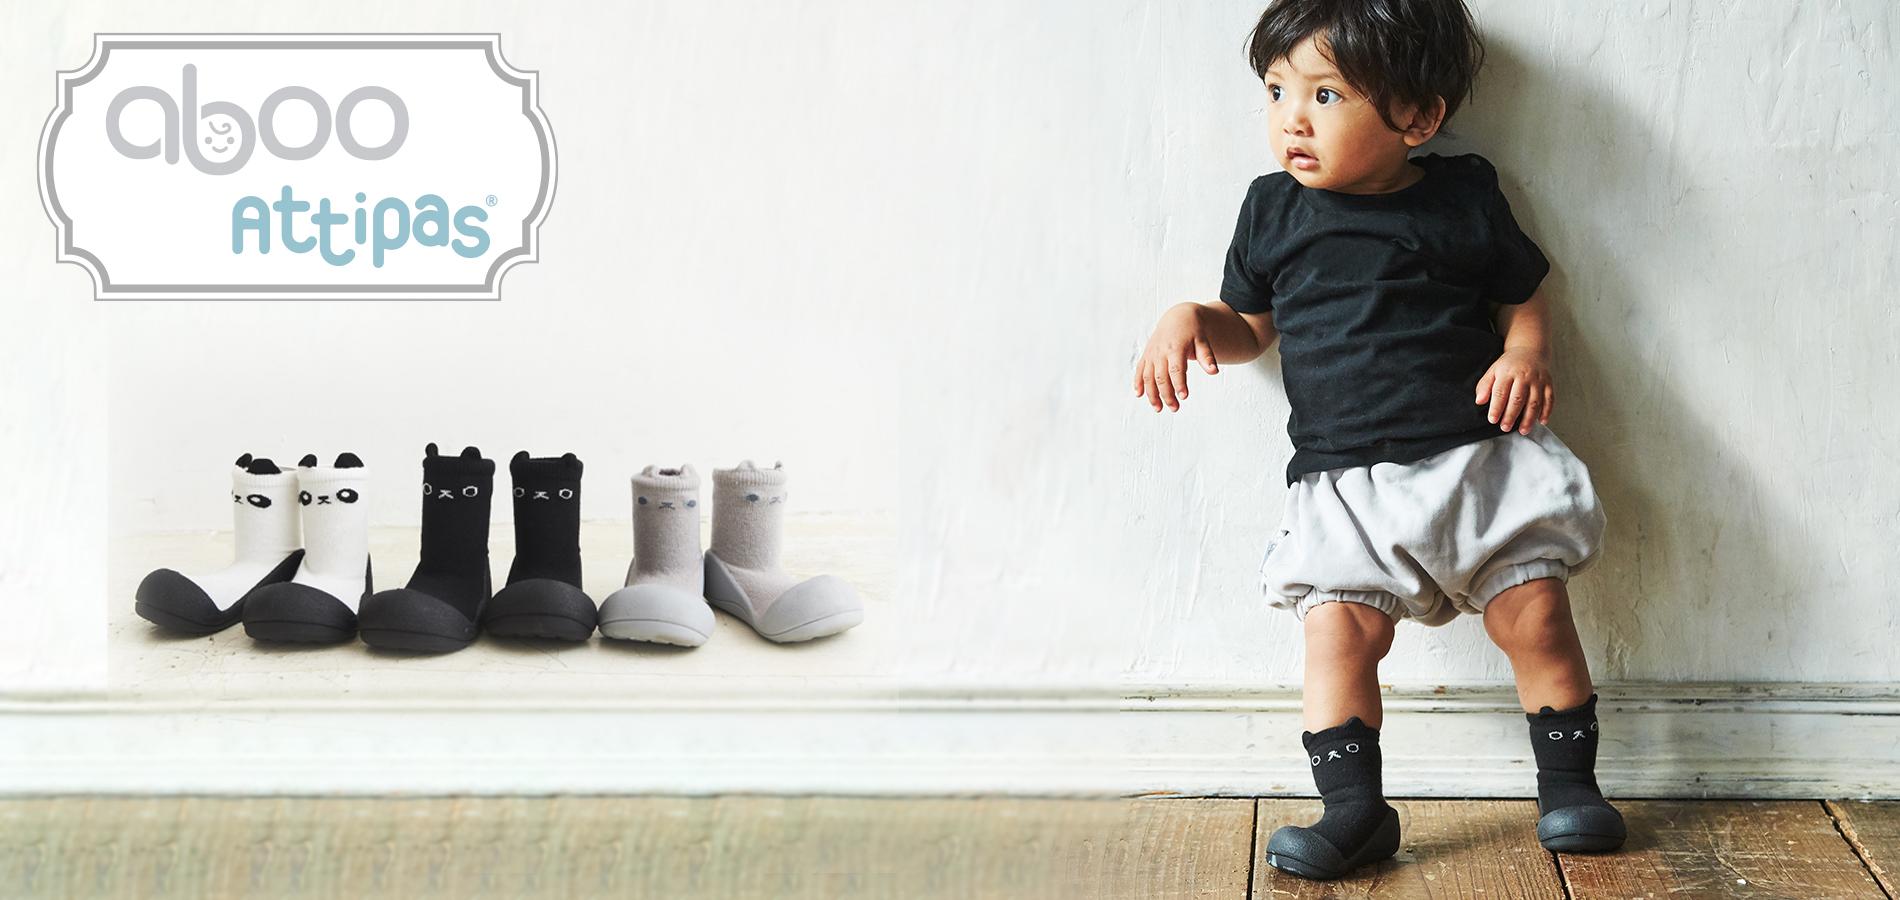 歩き始め赤ちゃんのプレシューズアティパスとabooのコラボアイテム